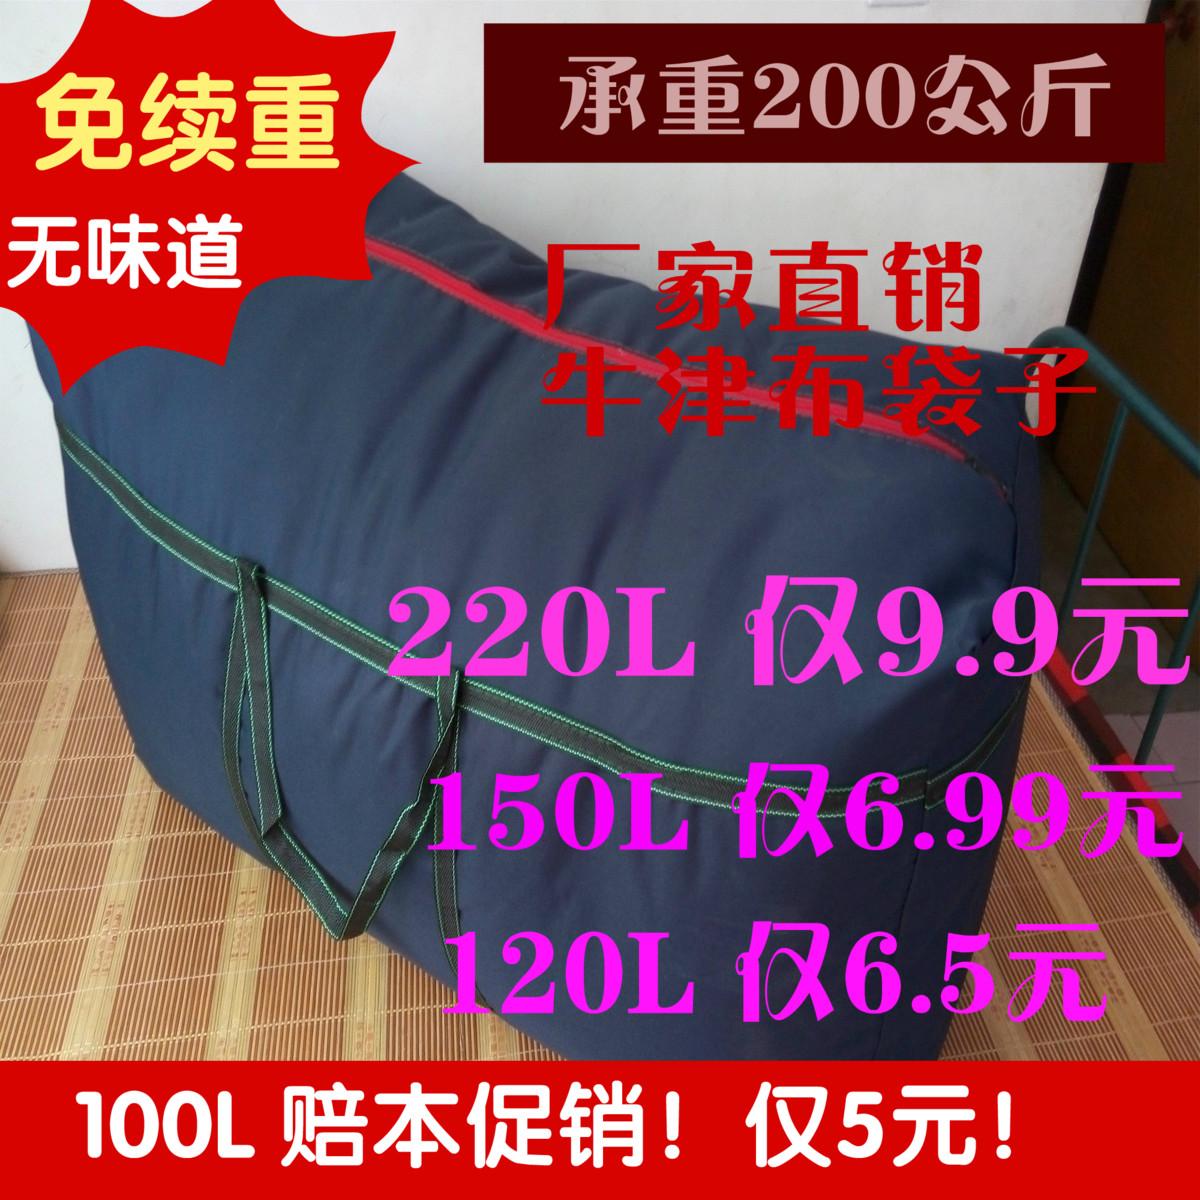 牛津布编织袋搬家特大行李袋打包袋托运袋搬家袋批发行李袋蛇皮袋